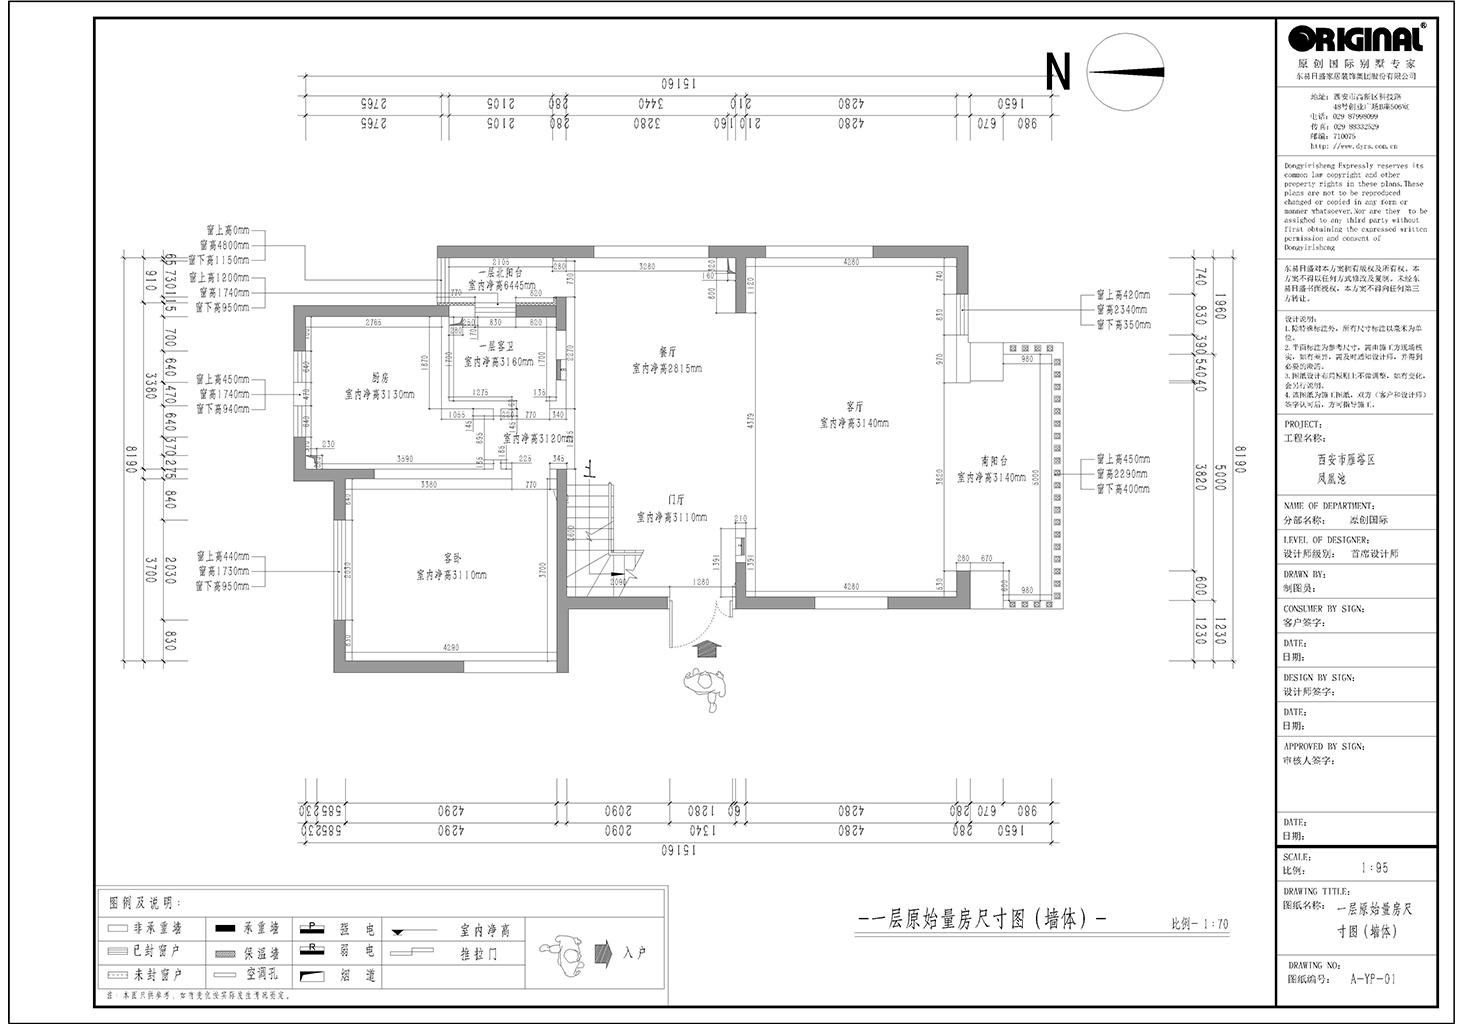 曲江凤凰池别墅 美式装修效果图 330㎡装修设计理念